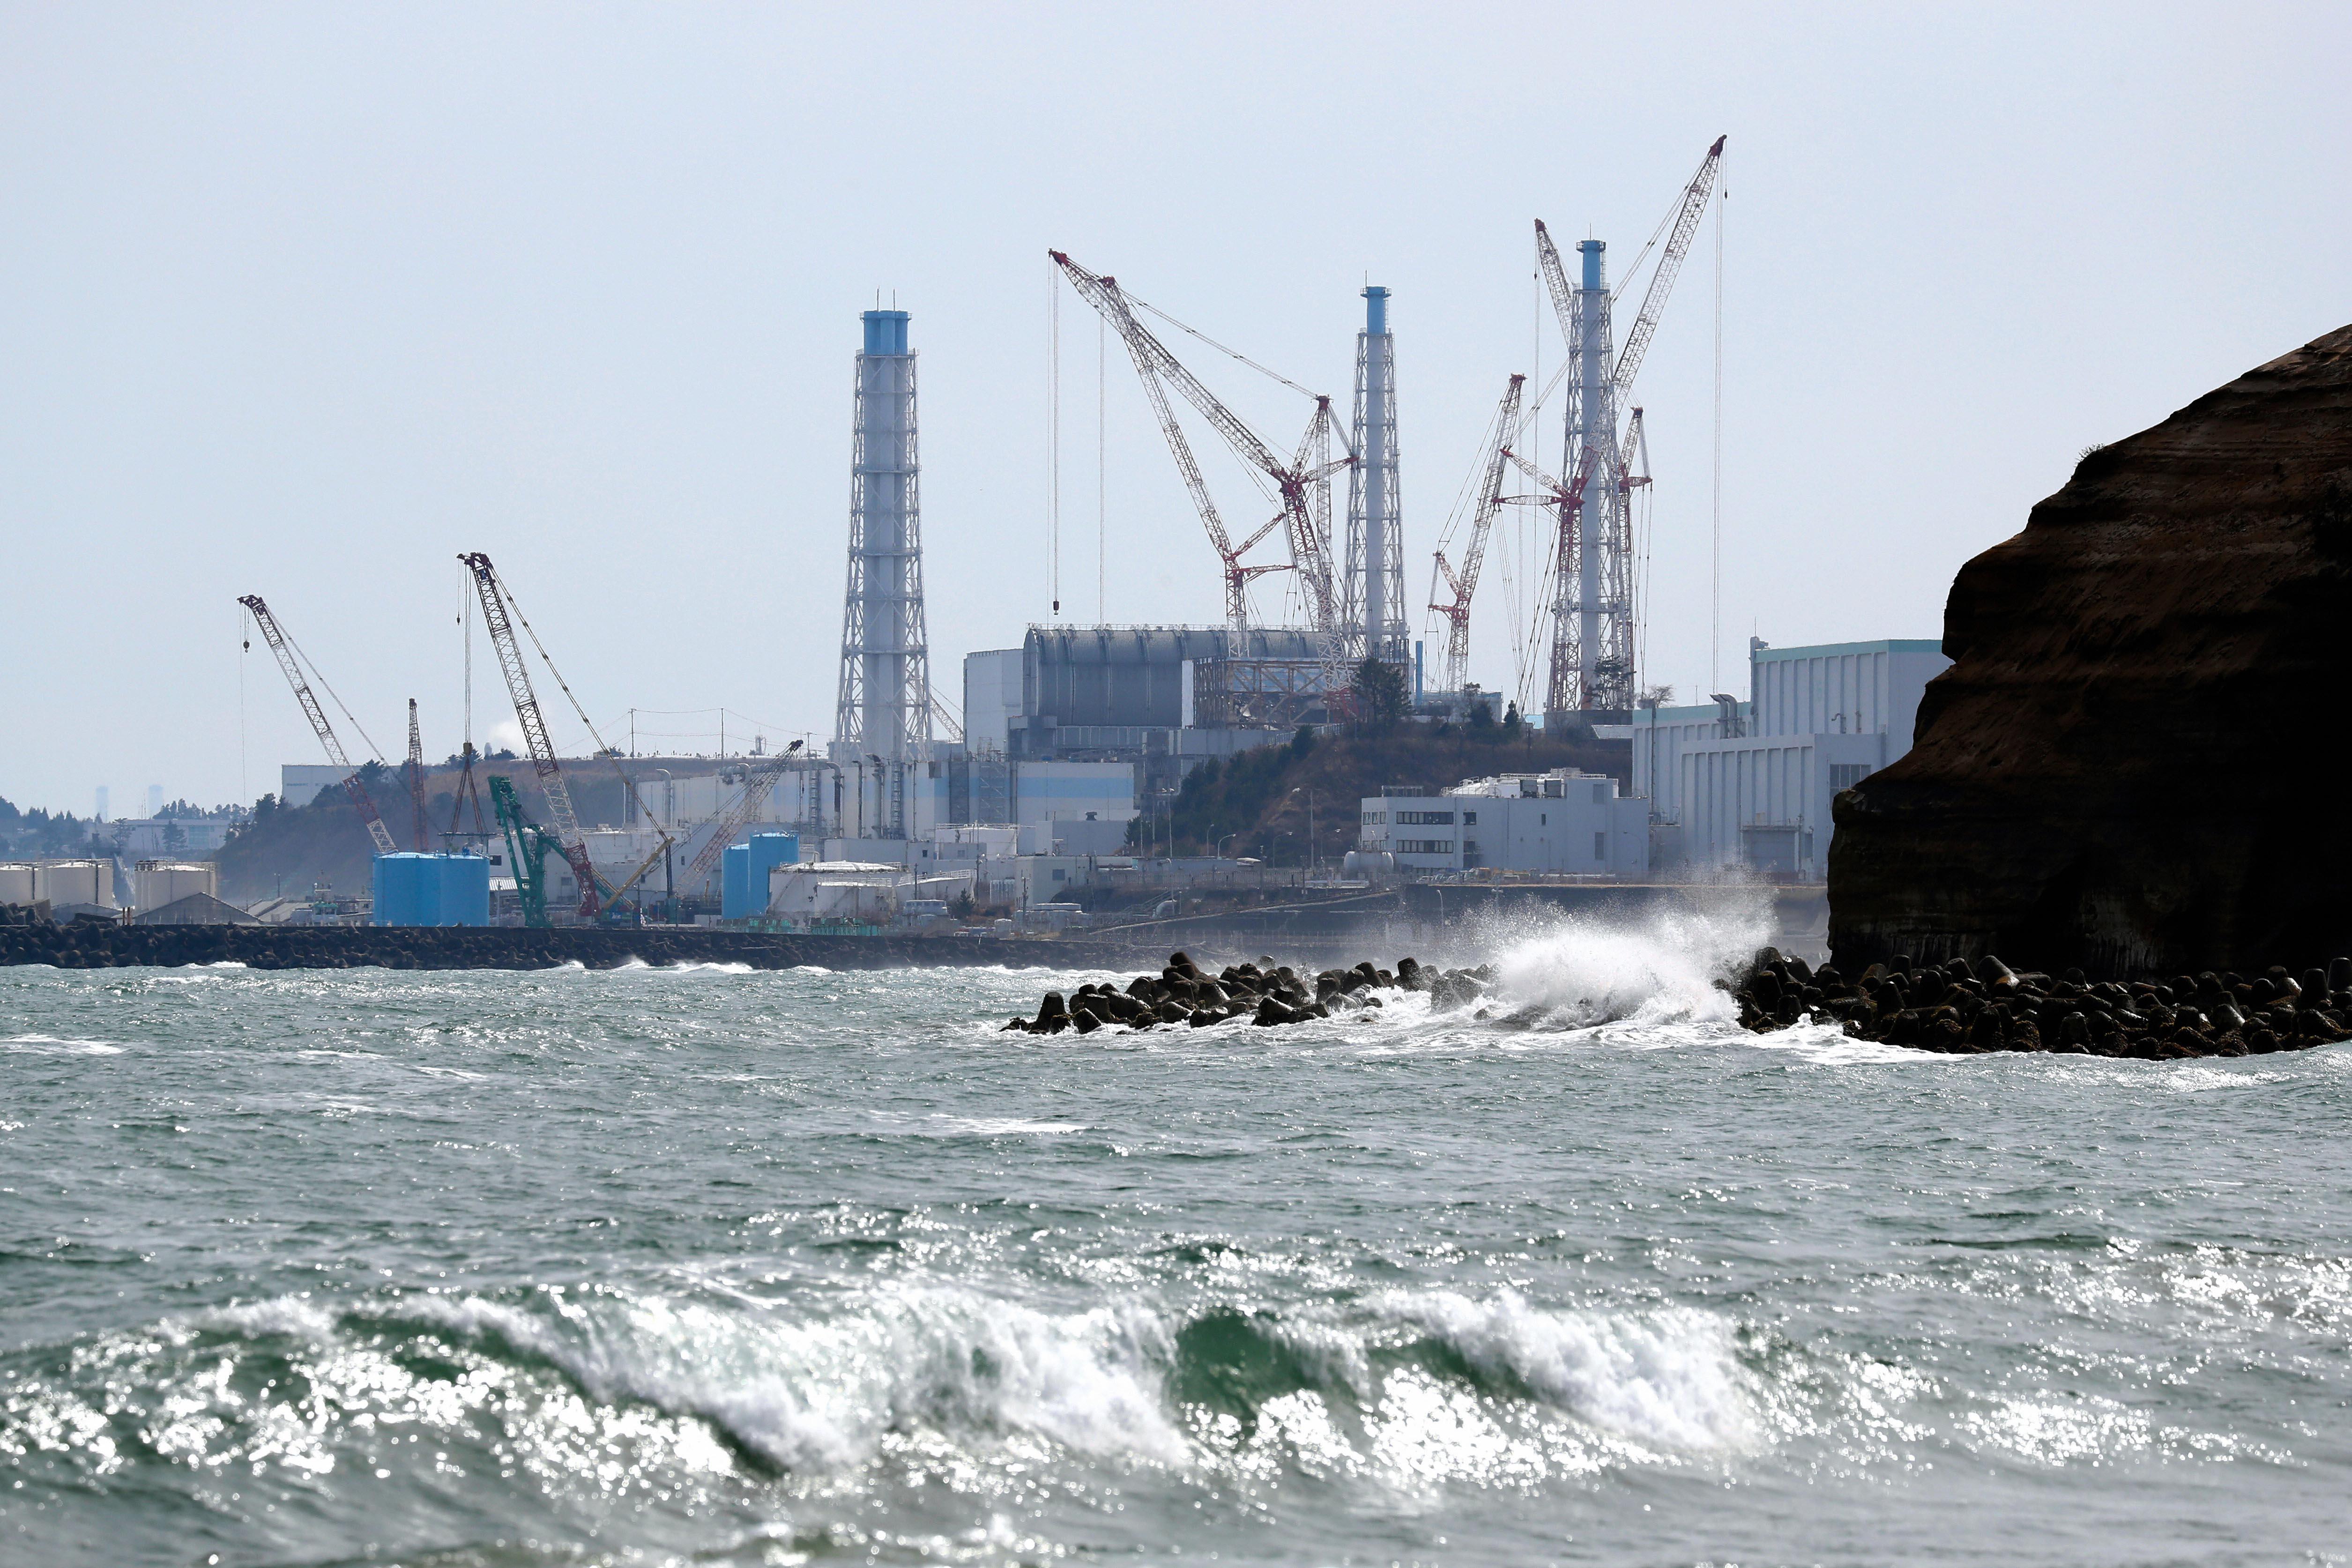 Cutremur de 5,5 în largul prefecturii Fukushima. Nu a fost emisă avertizare de tsunami